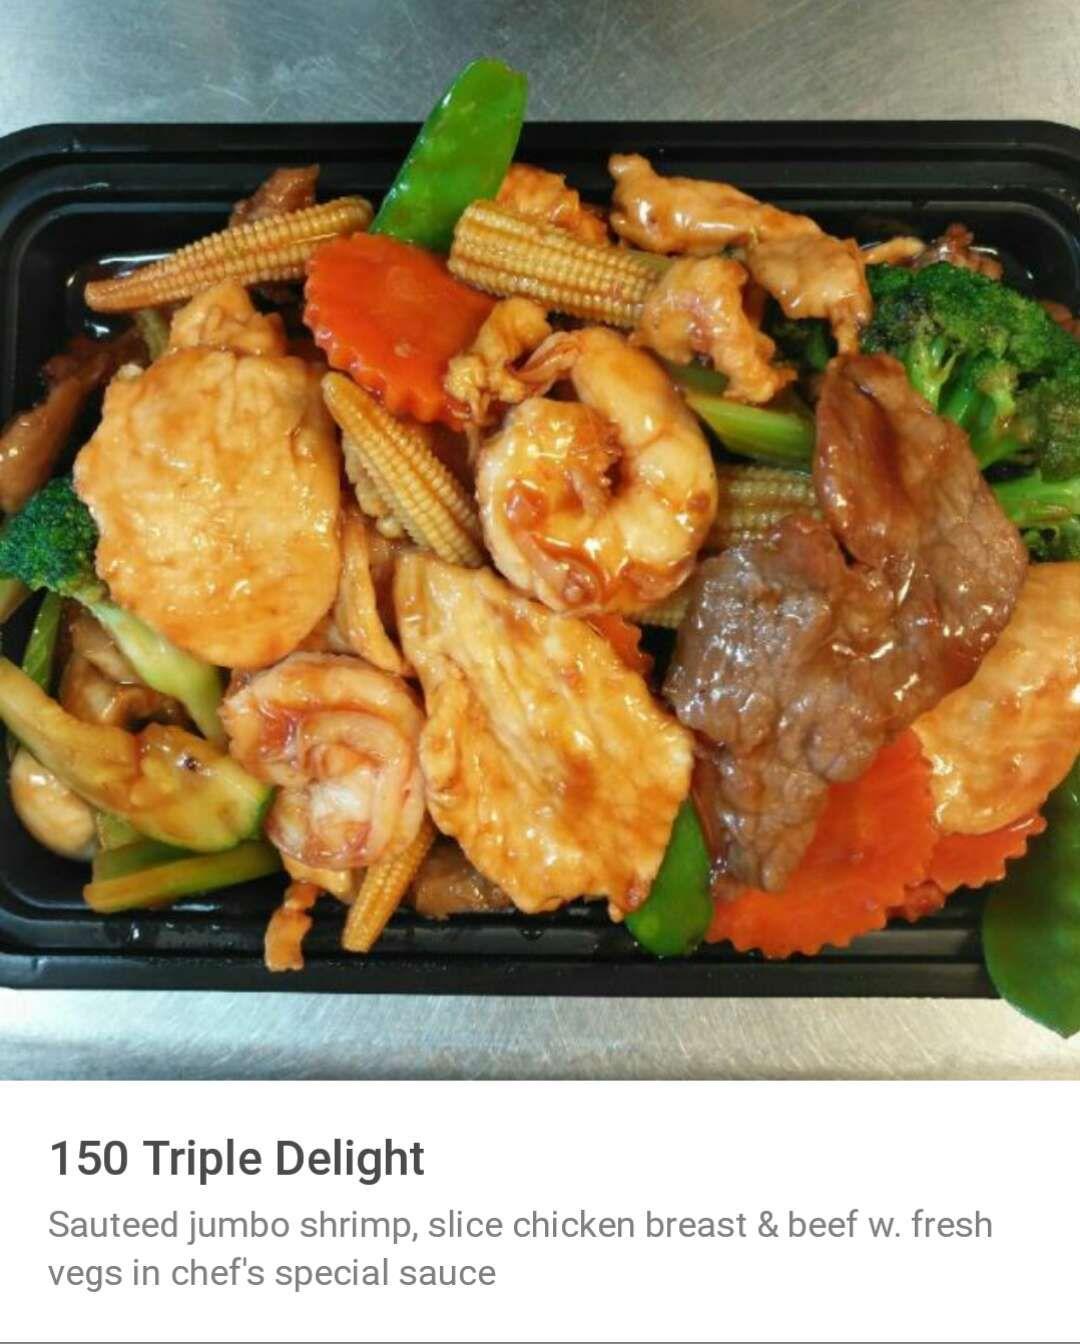 150. Triple Delight